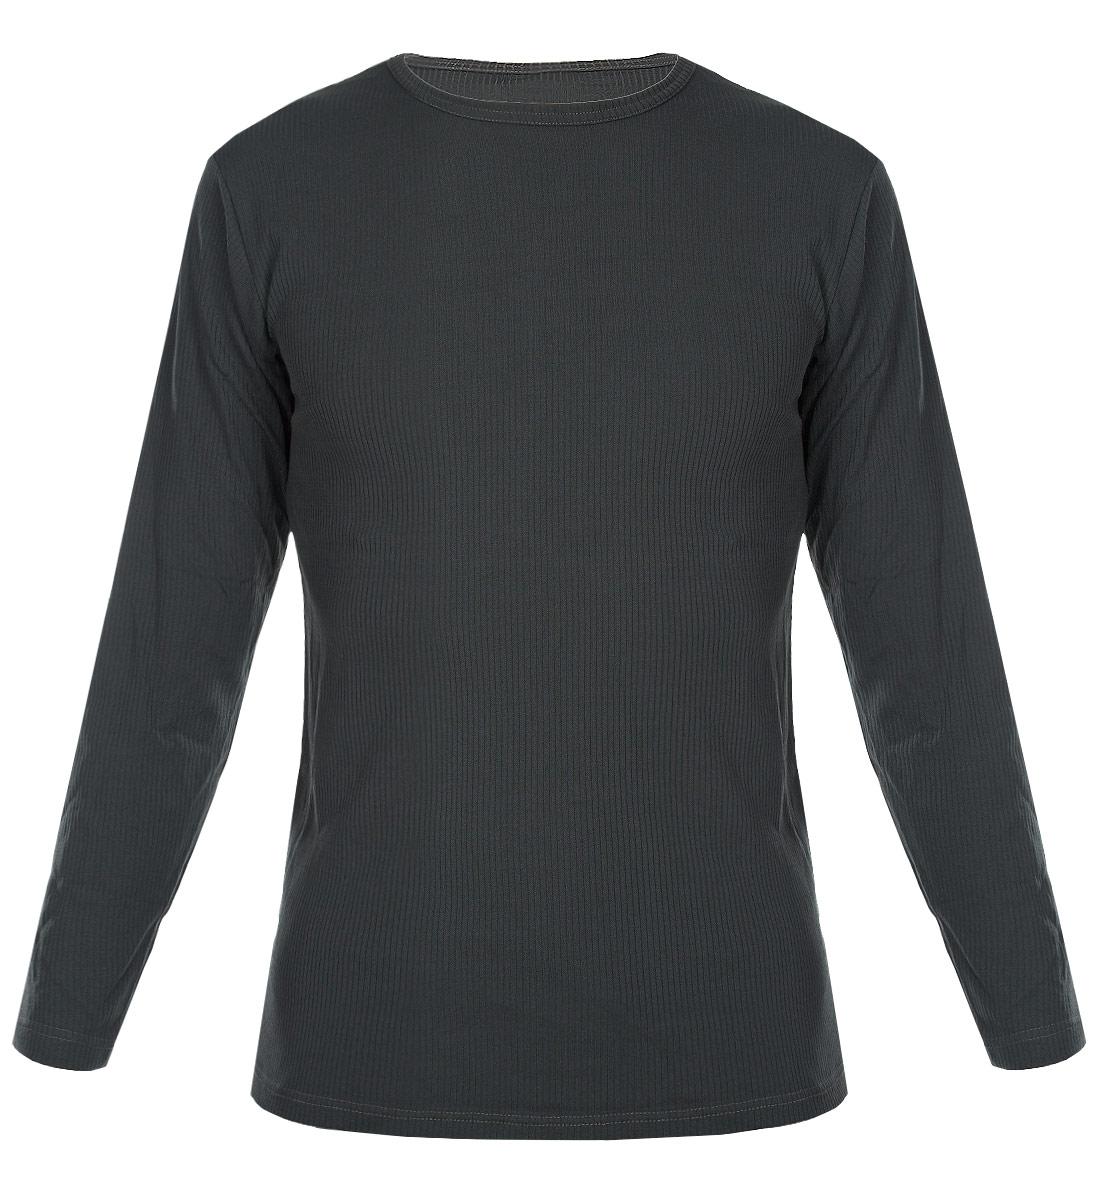 Кофта мужская Серебряный пингвин, цвет: темно-серый. 062B. Размер XS (44)062BКофта мужская изготовлена из полипропиленовой нити PROLEN. Предназначена для повседневной носки, занятий спортом, охотой, рыбалкой, активным отдыхом и т.д. Материал из которого изготовлена футболка уникален по своим свойствам. Ткань из полипропилена моментально отводит влагу от поверхности тела в последующие слои одежды, поэтому тело всегда находиться в соприкосновении с сухой тканью, что дает ощущение сухости и комфорта. Нить PROLEN владеет антибактериальными свойствами - на ней не возникают ни какие грибки и микробы, не вызывает аллергических реакций кожи. Нить обеспечивает высокую термо- и цветоустойчивость крашения, ткань не линяет и не садиться. Легко стирается, не требует глажения. Быстро сохнет.